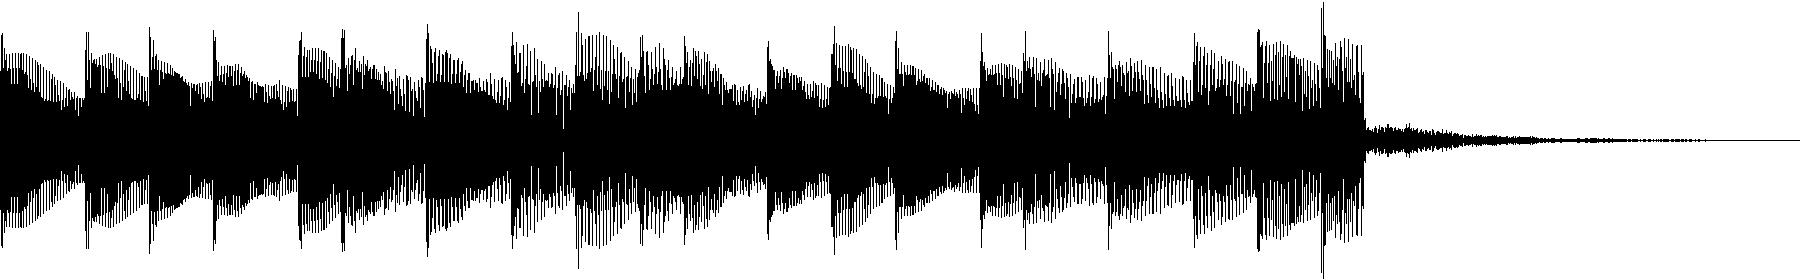 342355 cliche house chords bassline wav